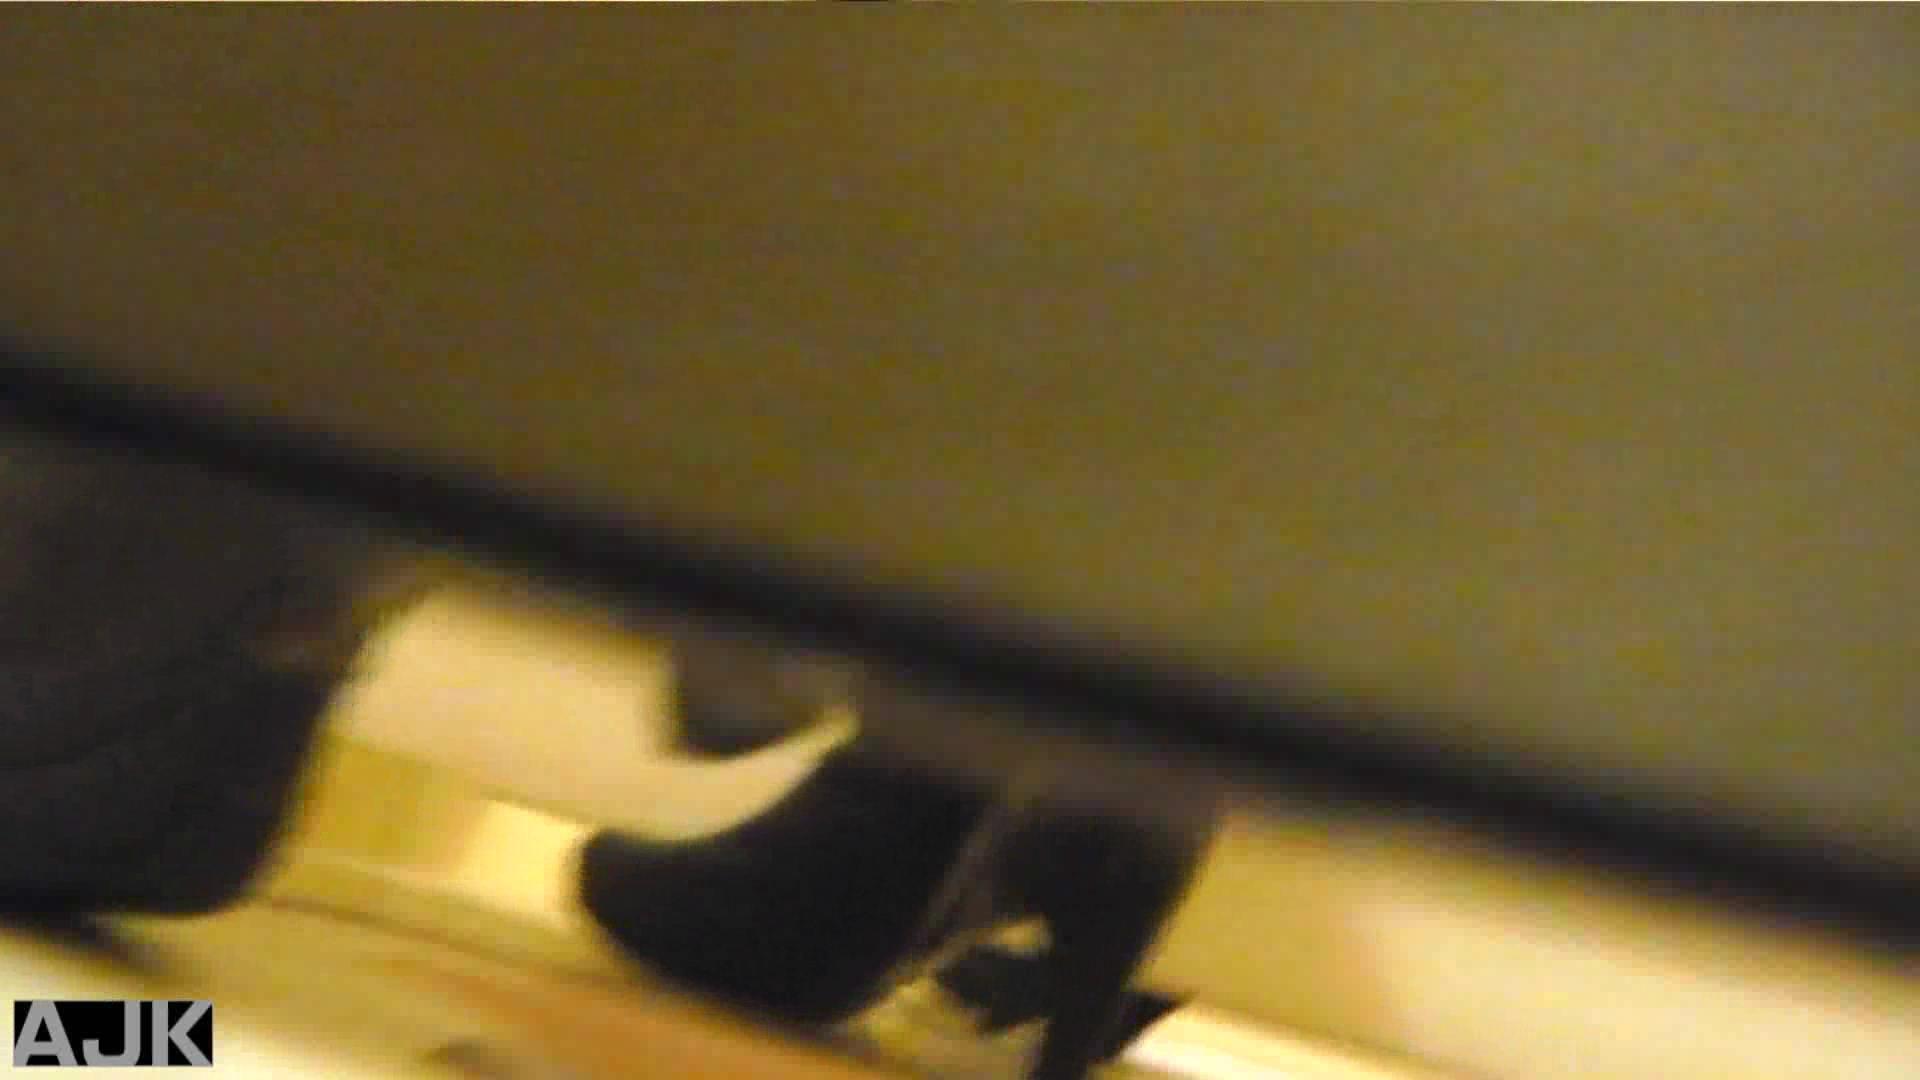 隣国上階級エリアの令嬢たちが集うデパートお手洗い Vol.03 お手洗い  98Pix 32